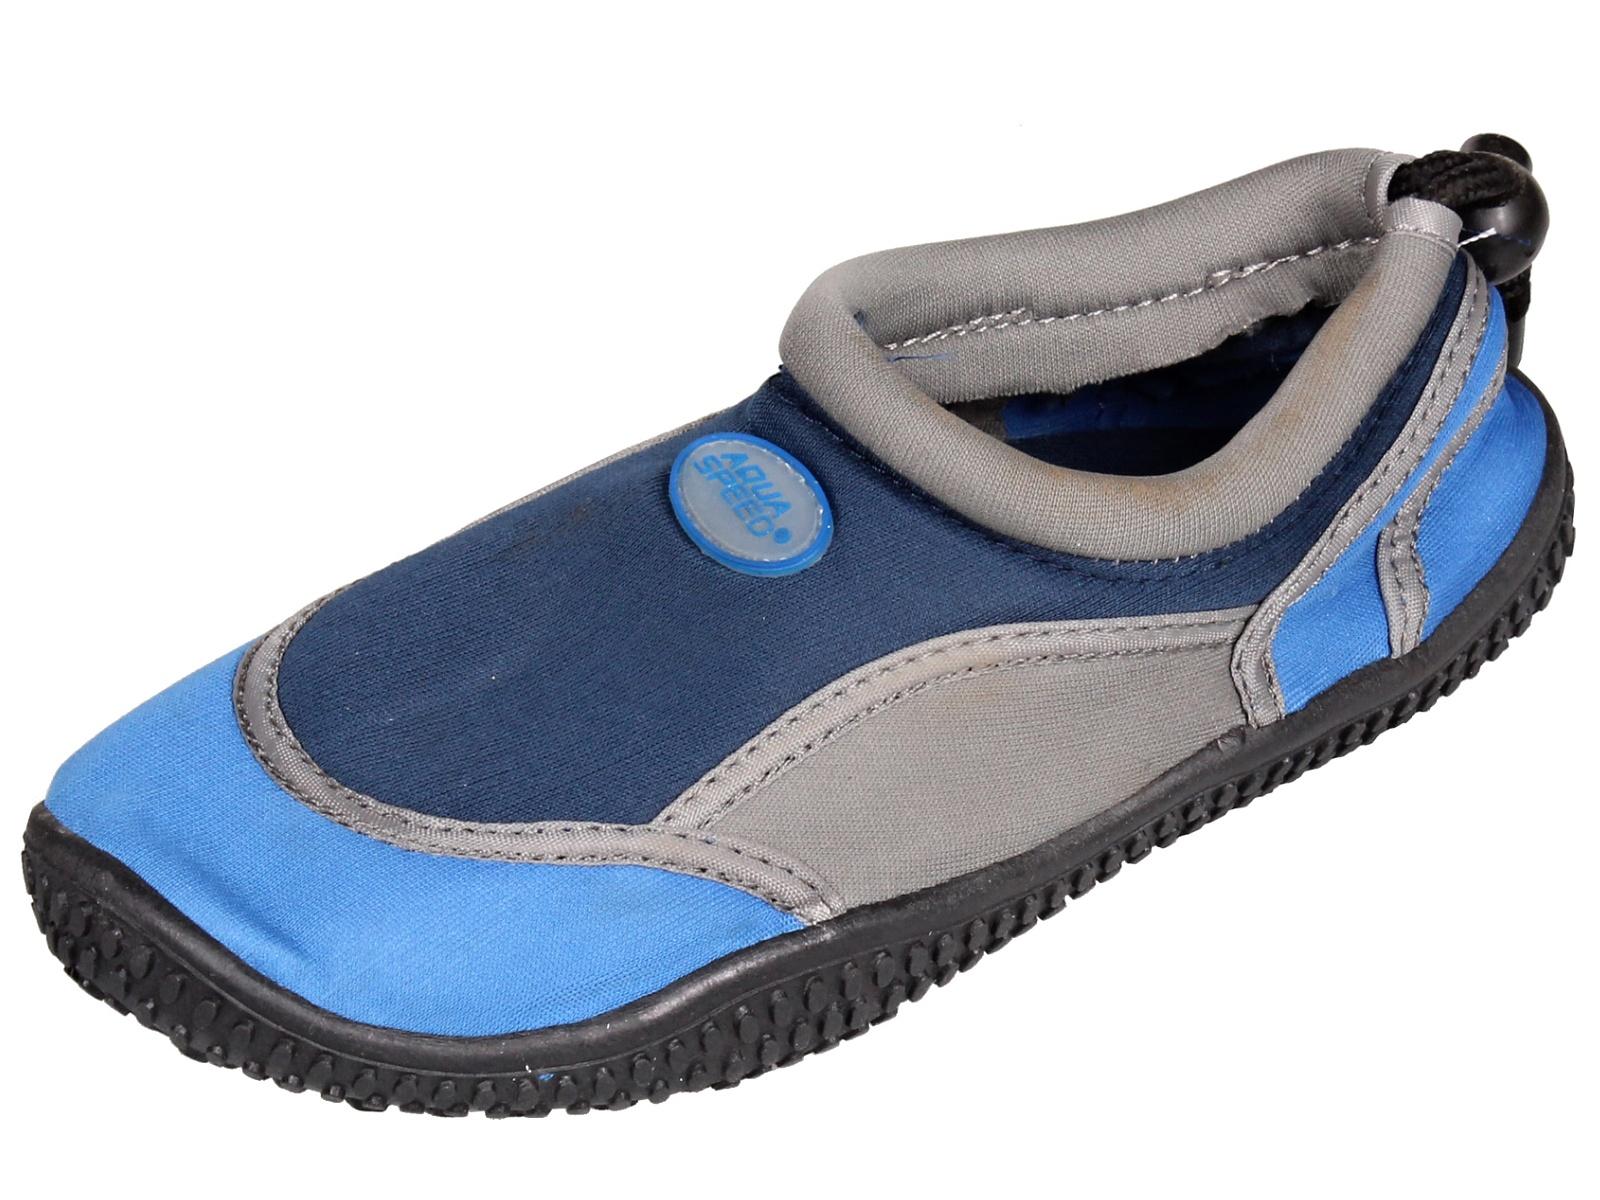 Boty do vody AQUA-SPEED 21A dětské modré - vel. 30